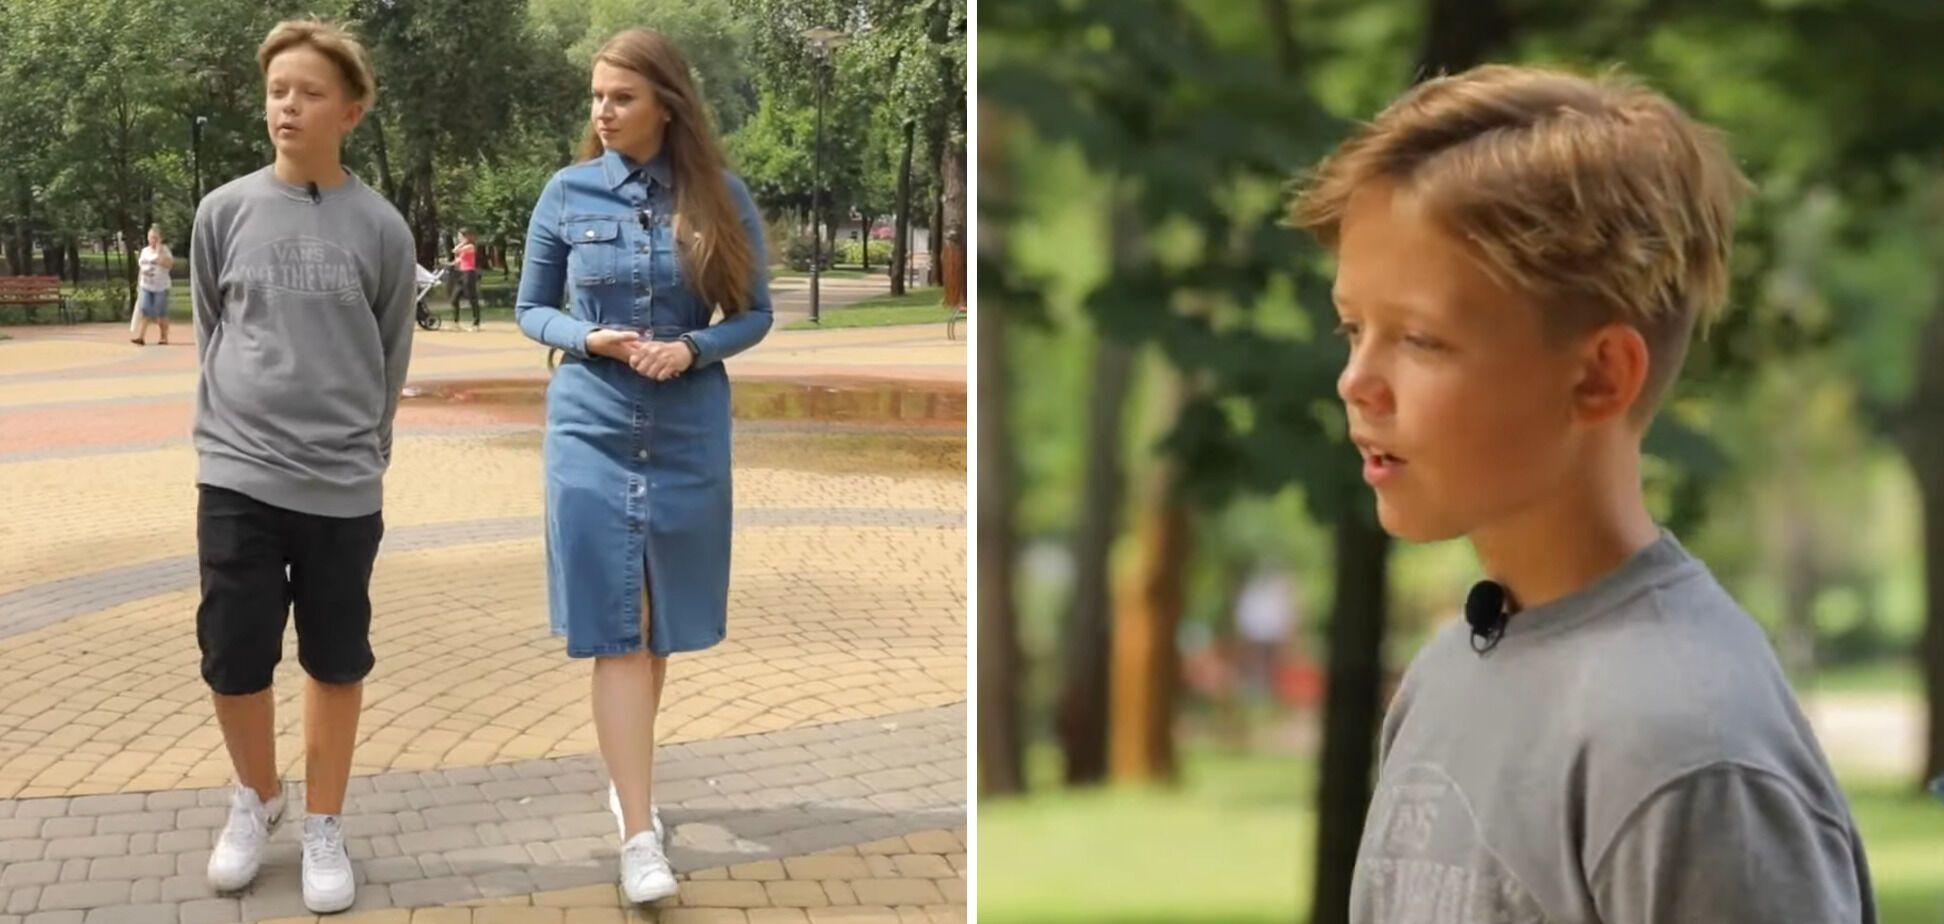 Андрій Потапенко зізнався, що хоче досягти всього без допомоги батьків